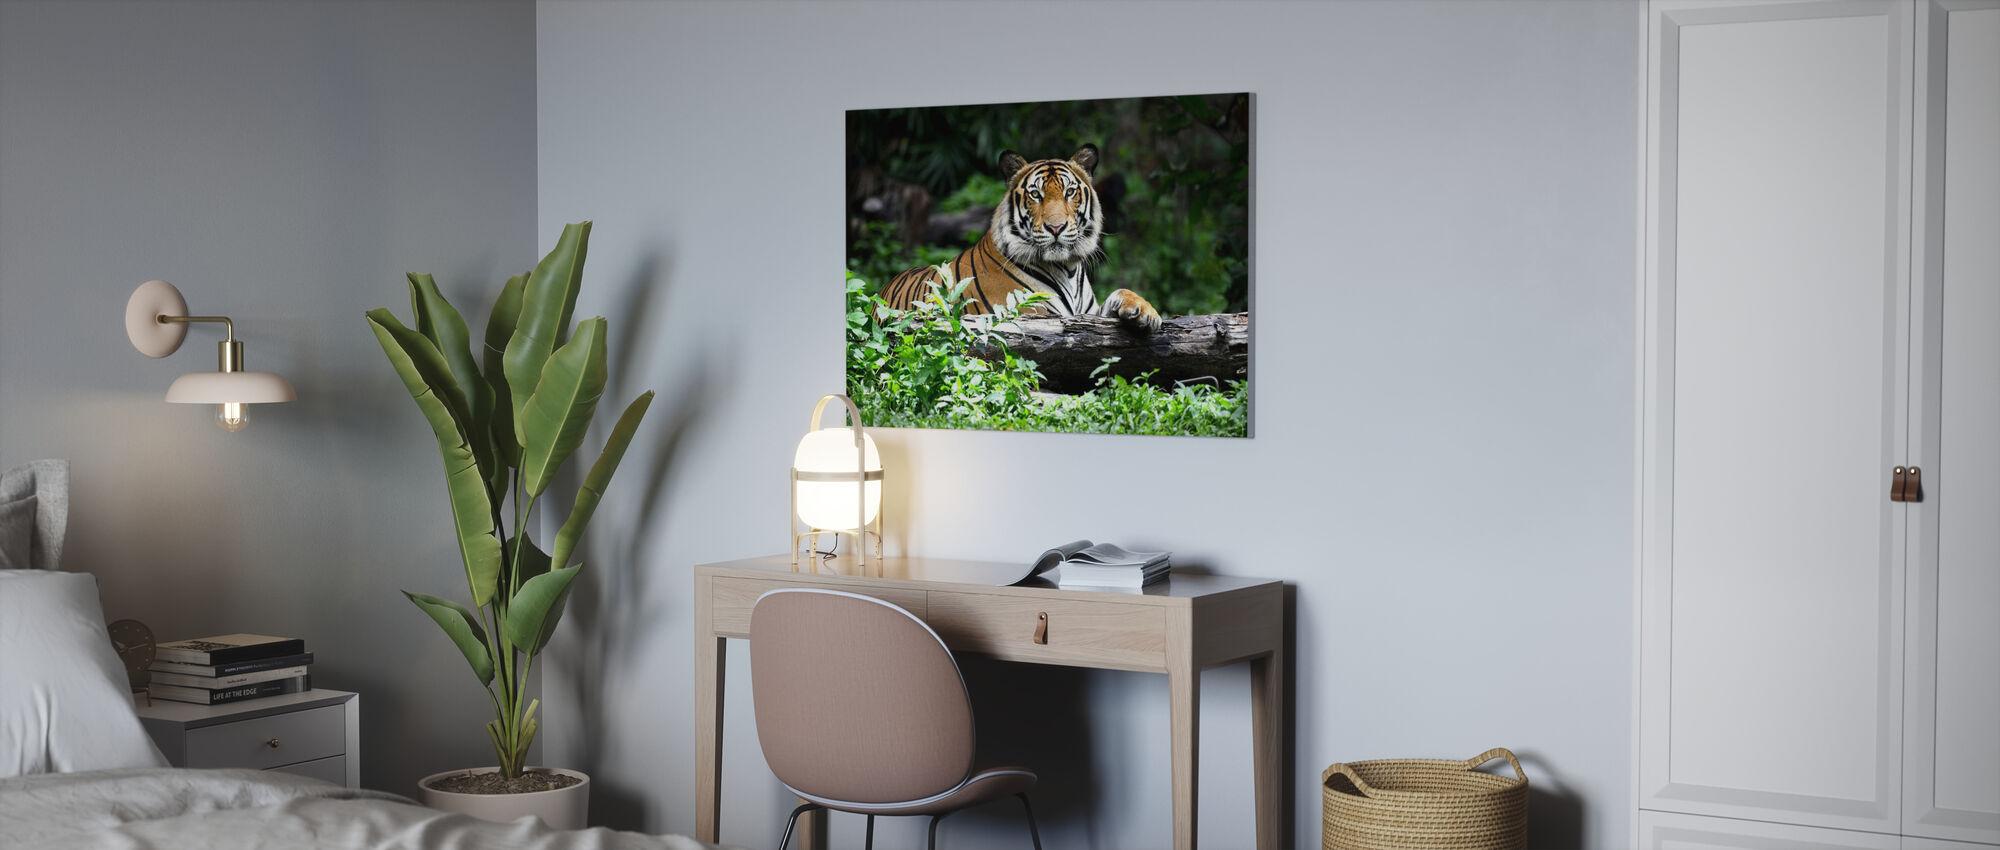 Bengal Tiger - Billede på lærred - Kontor